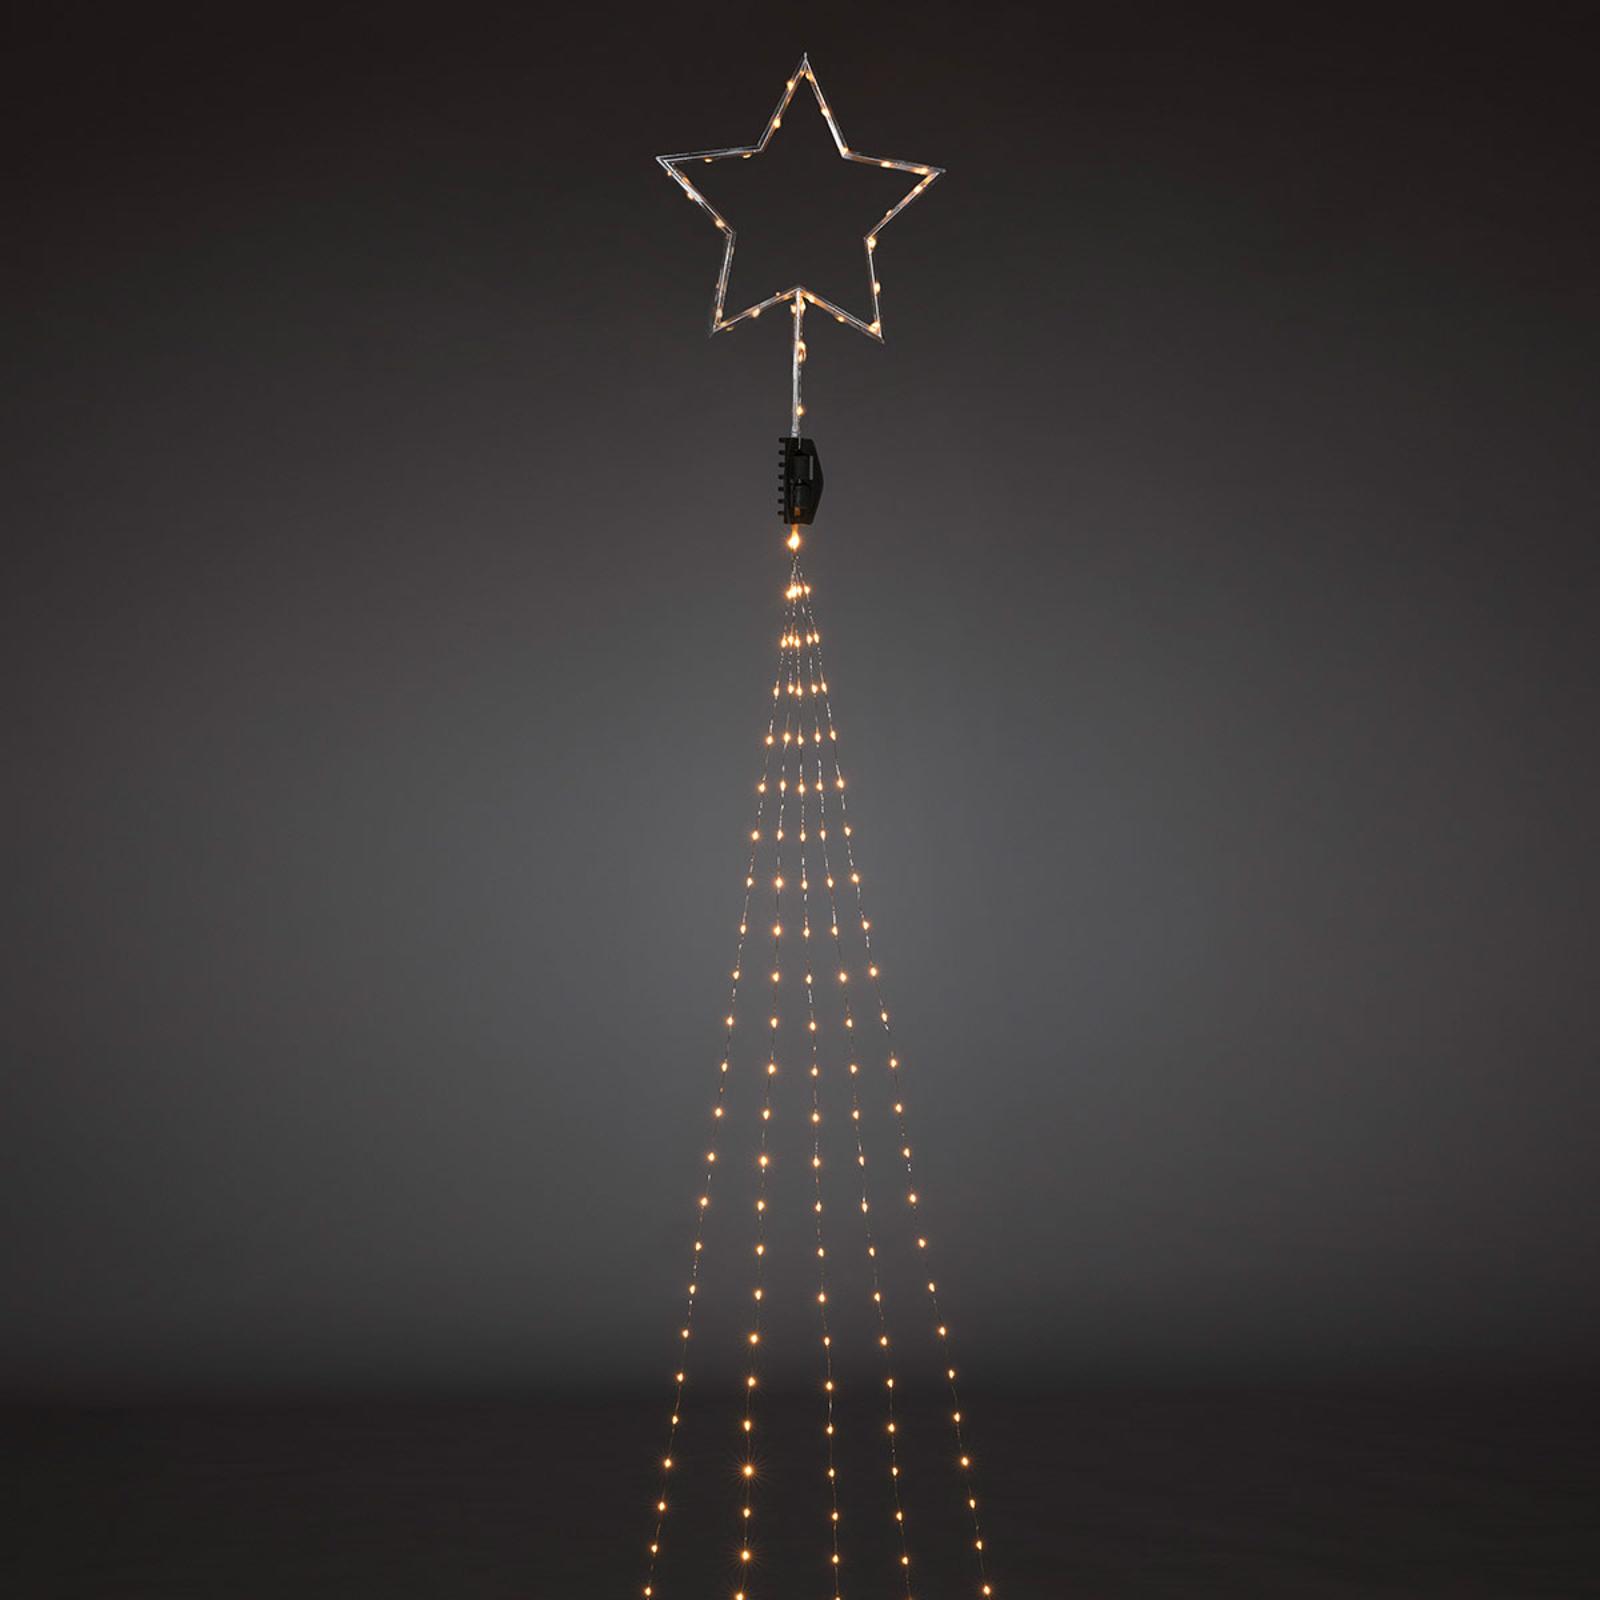 Toppstjerne i sølv - LED-lyskappe 274 lys